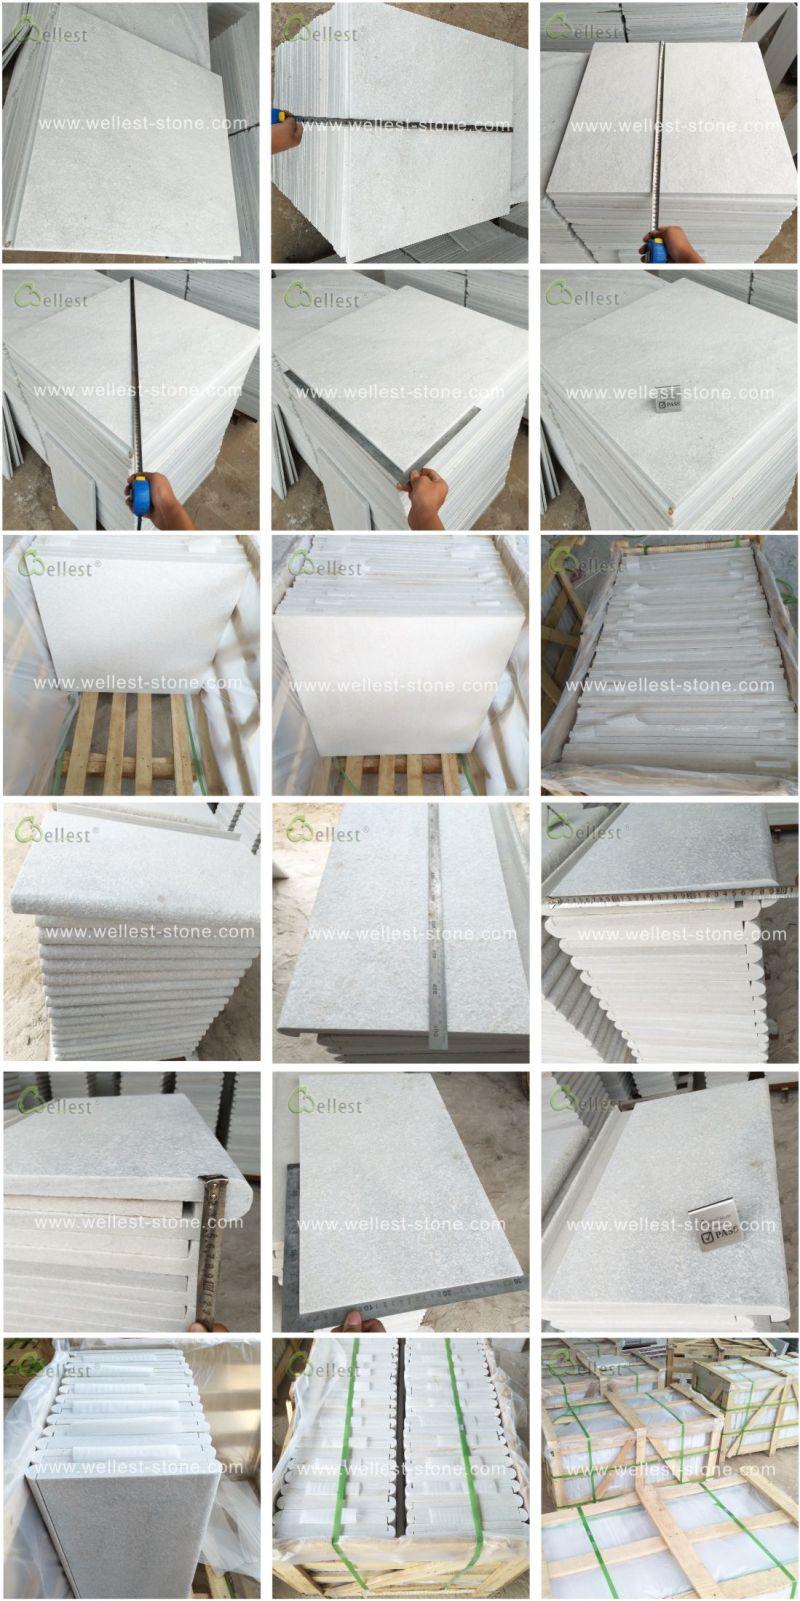 Alle Produkte zur Verfügung gestellt vonShenzhen Wellest Industry Inc.